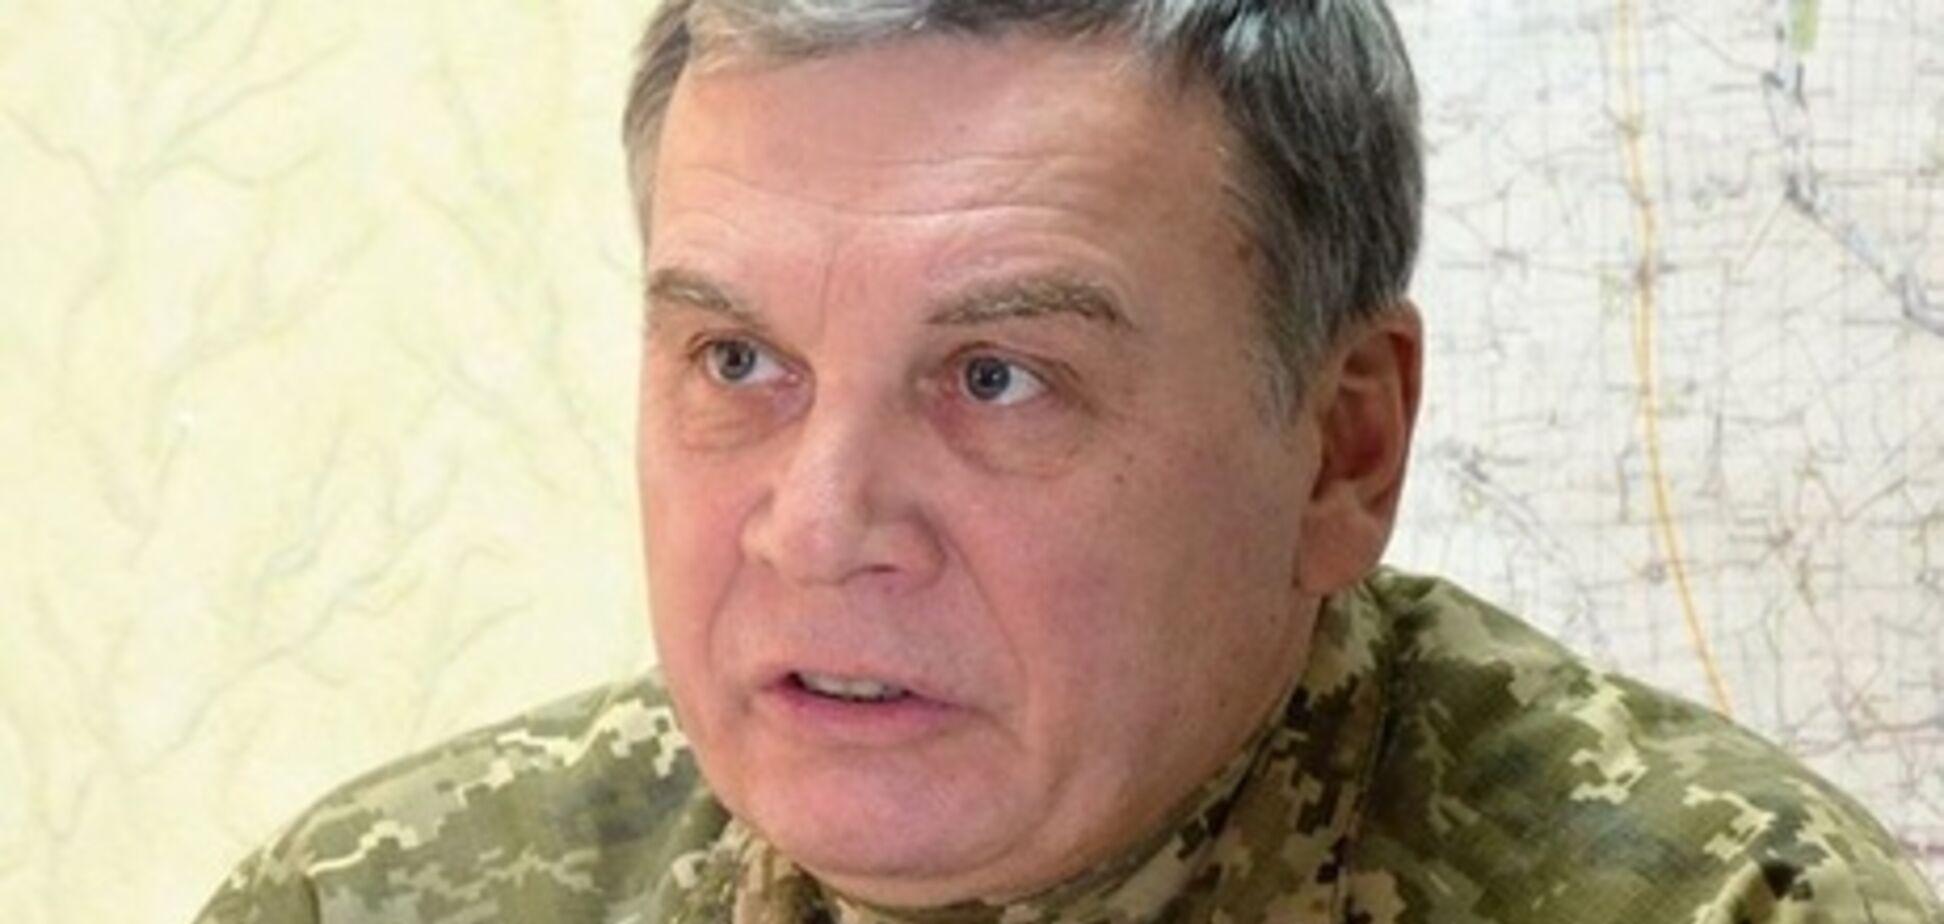 Всплыли скандальные детали о кандидате на пост министра обороны Таране